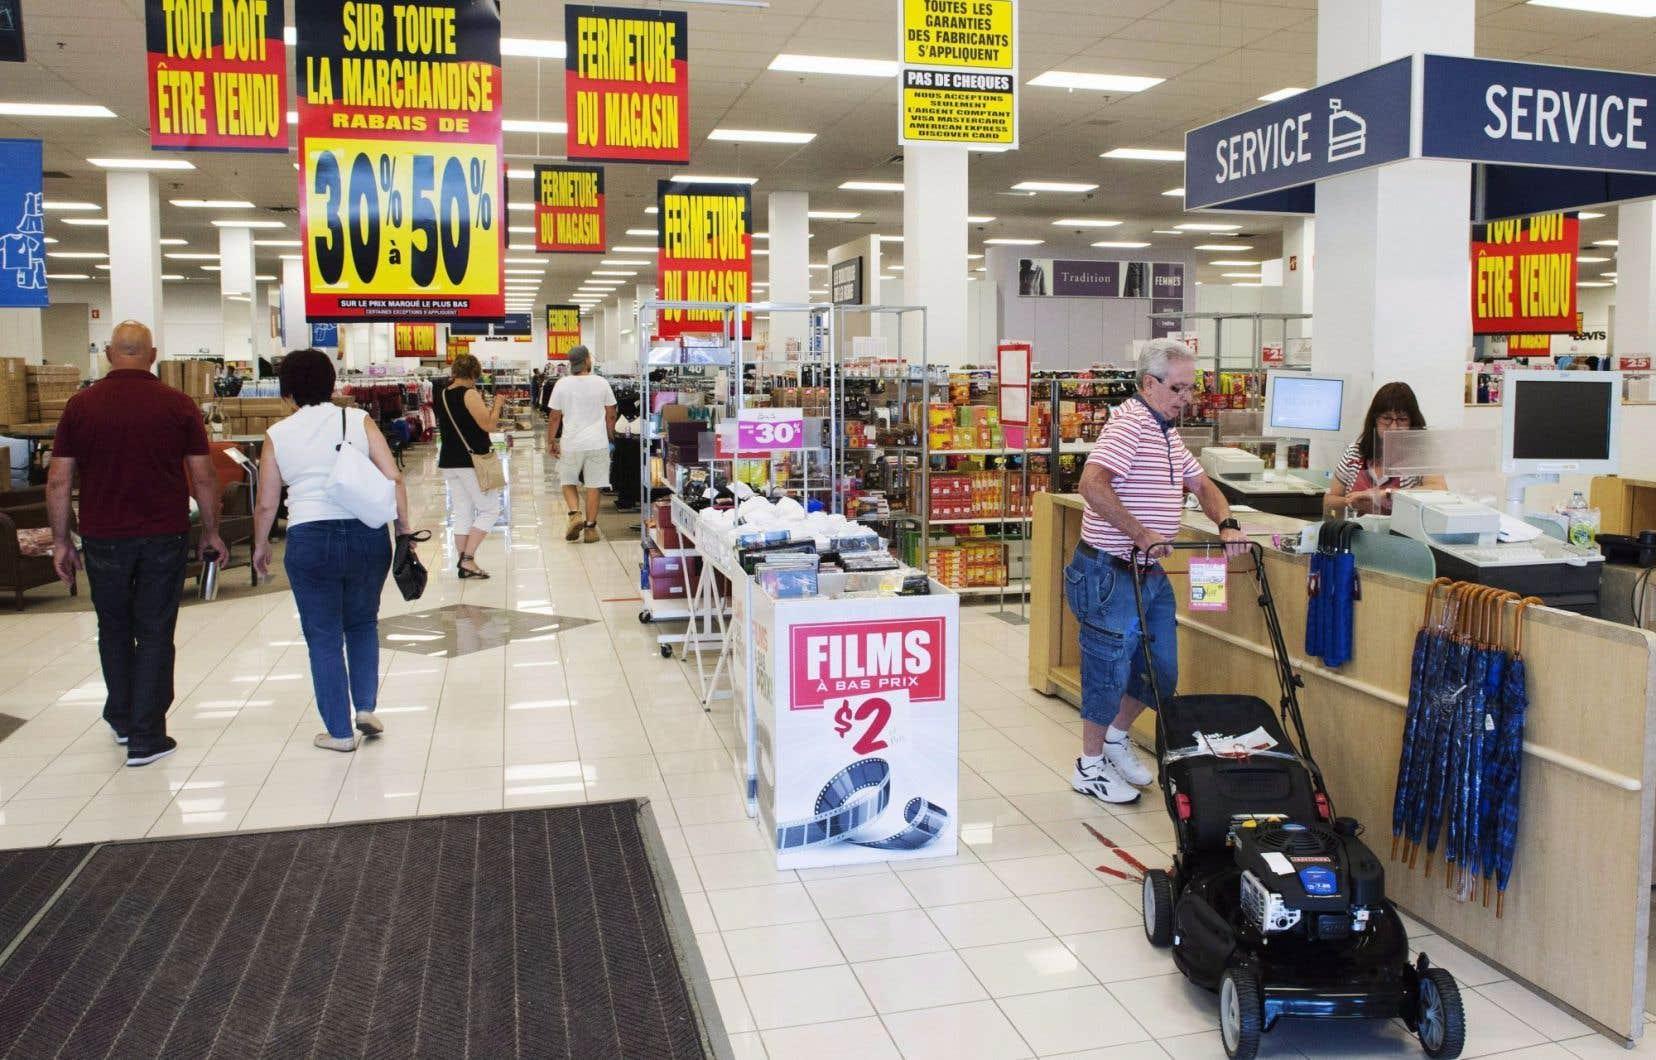 Engagée depuis trois semaines dans un processus de liquidation aux magasins ciblés par une fermeture, l'entreprise vit depuis 10ans une détérioration constante de ses finances.